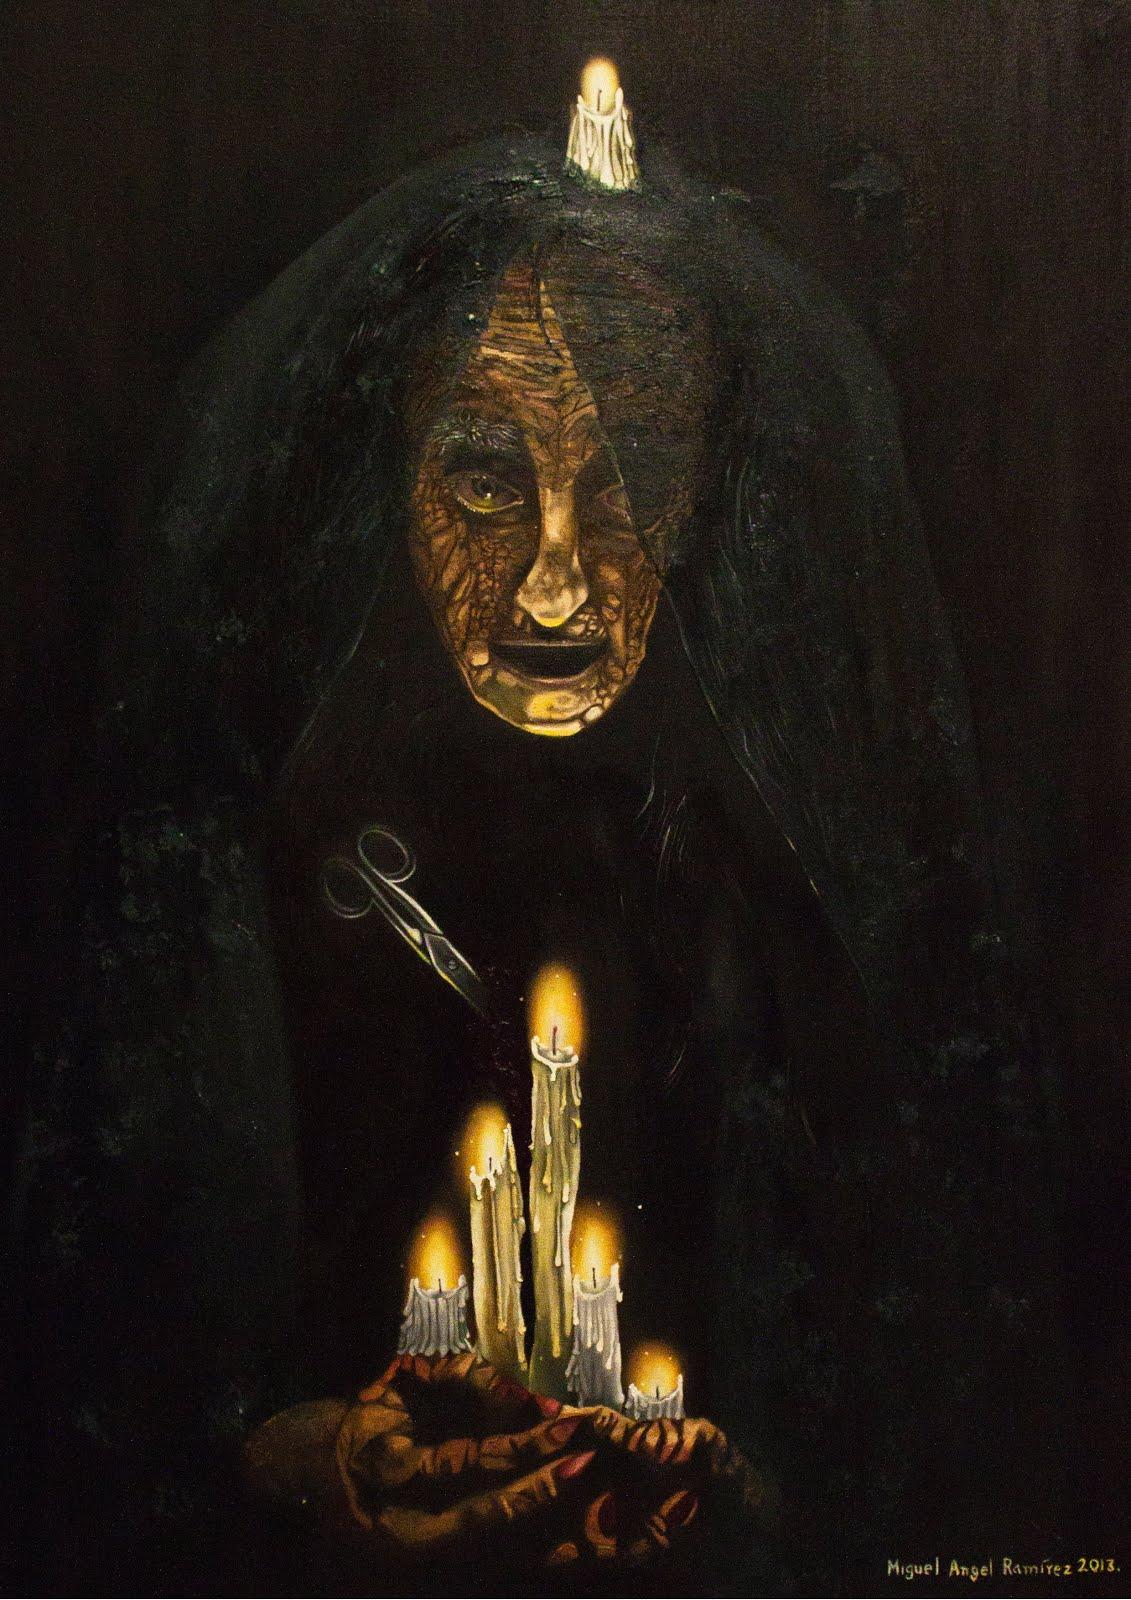 Censura y secretismo al cancelar exposicion pictorica del artista Miguel Angel Ramirez